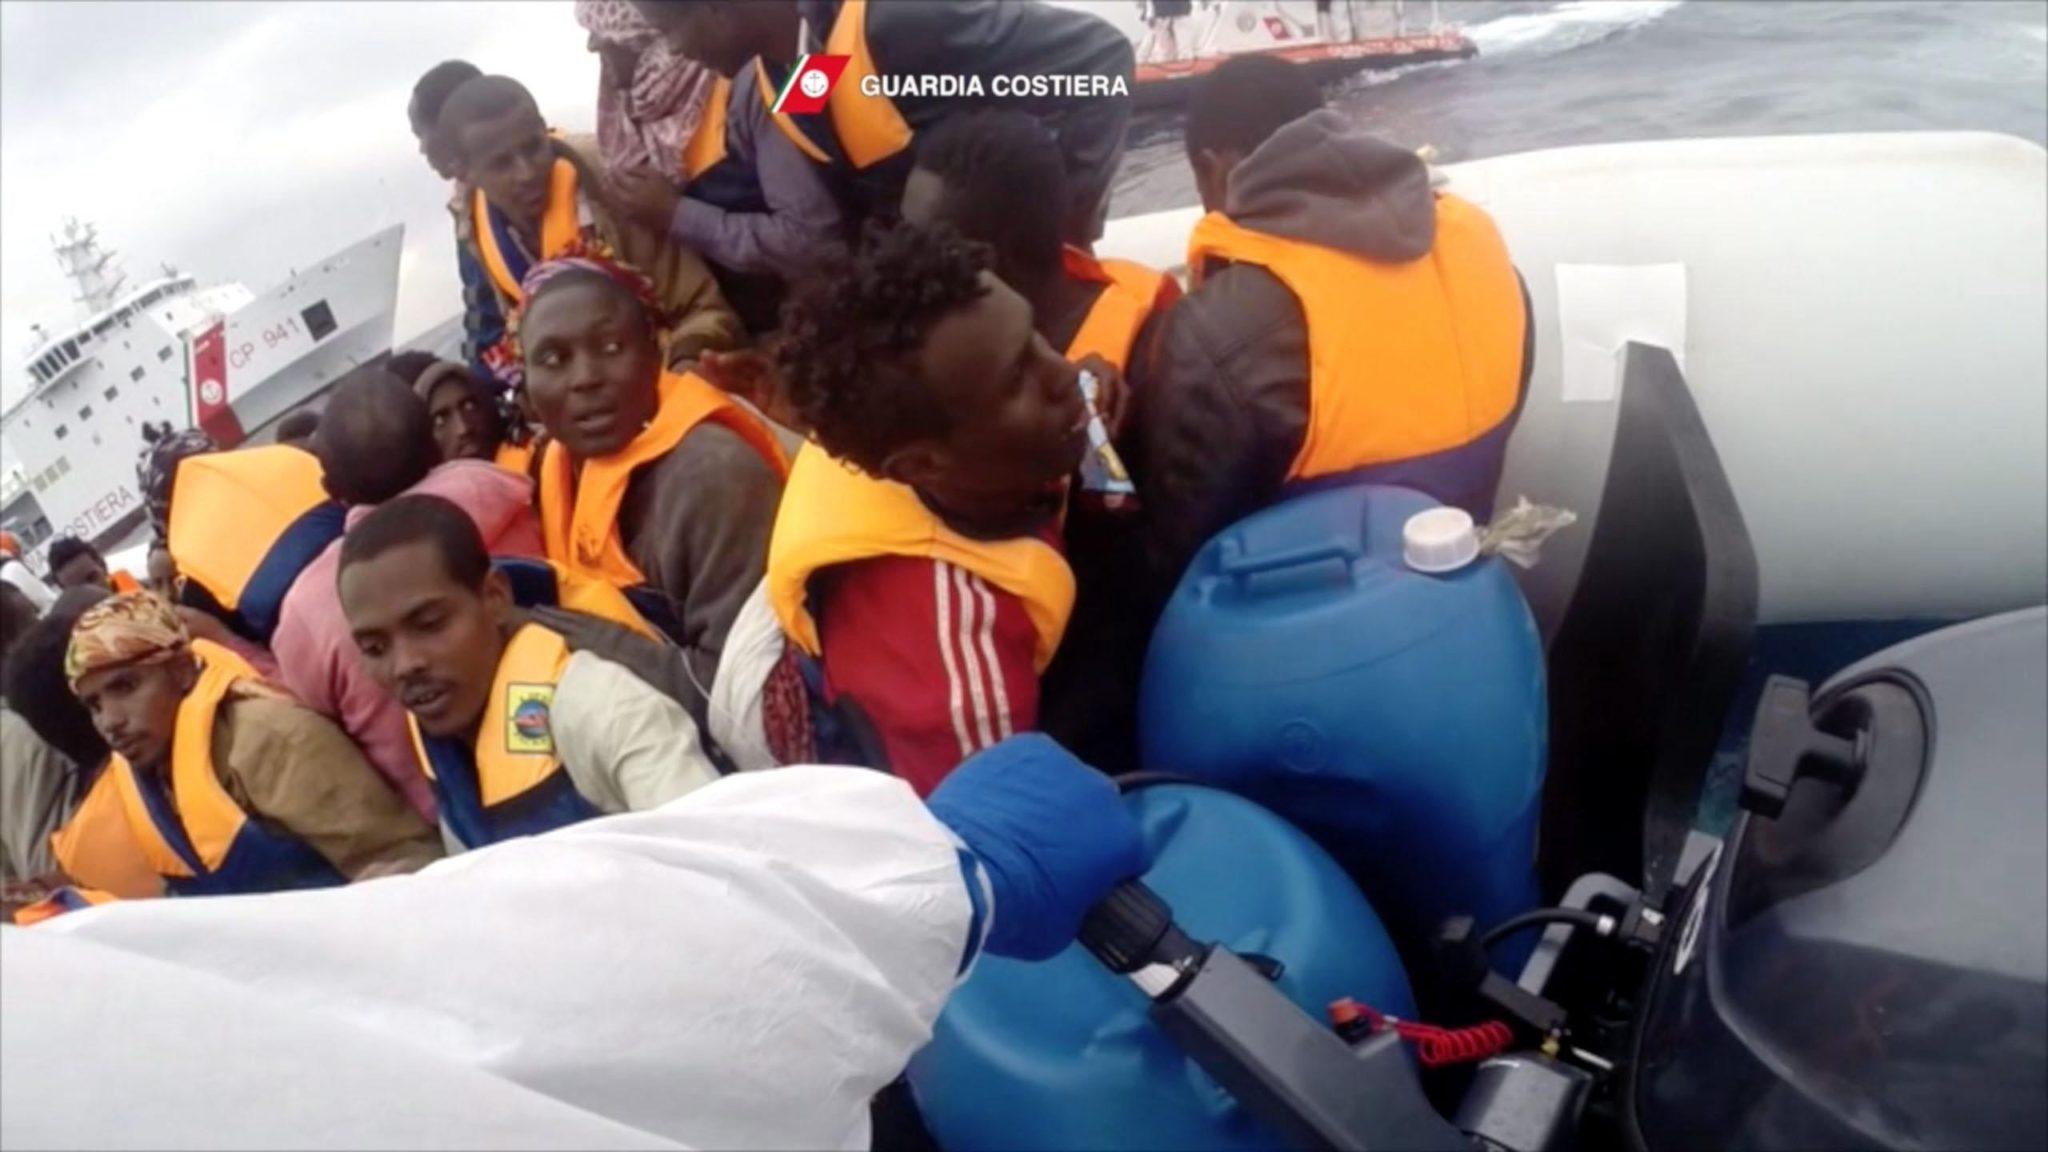 Morze Śródziemne: akcja ratunkowa włoskiej straży przybrzeżnej podczas kolejnej próby nielegalnego przedostania się do Europy imigrantów z Afryki (foto. PAP/EPA/ITALIAN COAST GUARD)